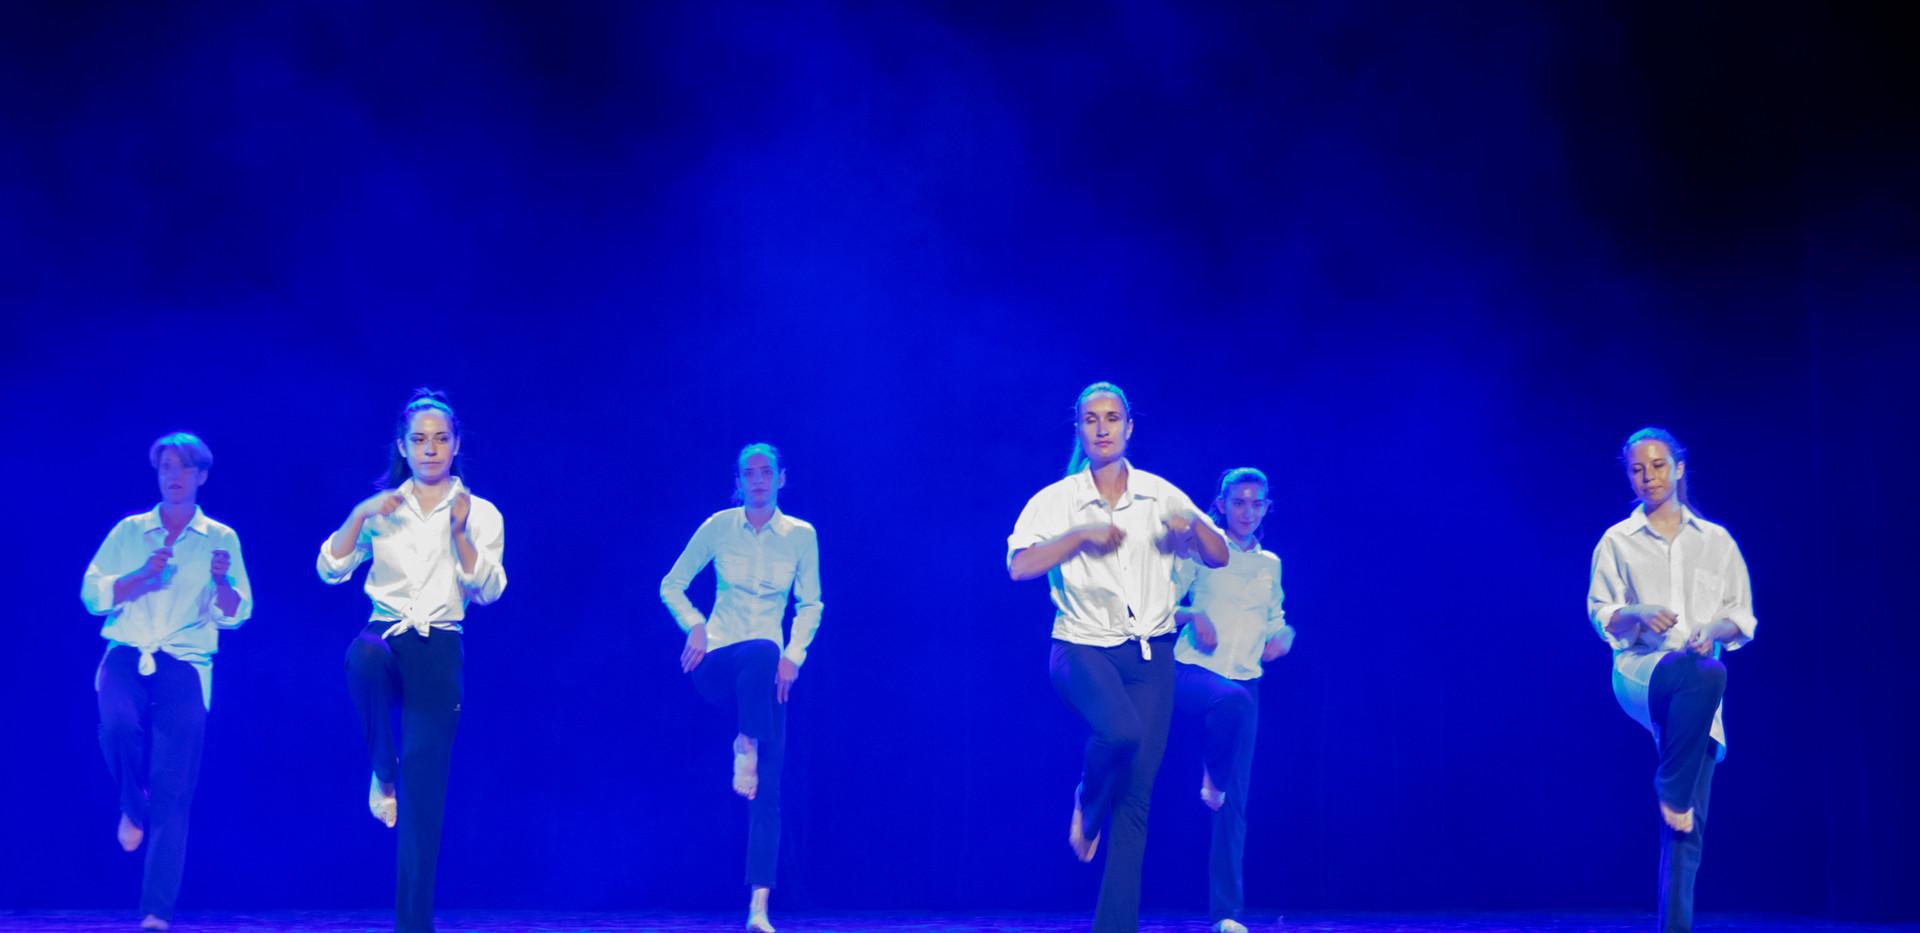 Gala_de_danse-84.jpg